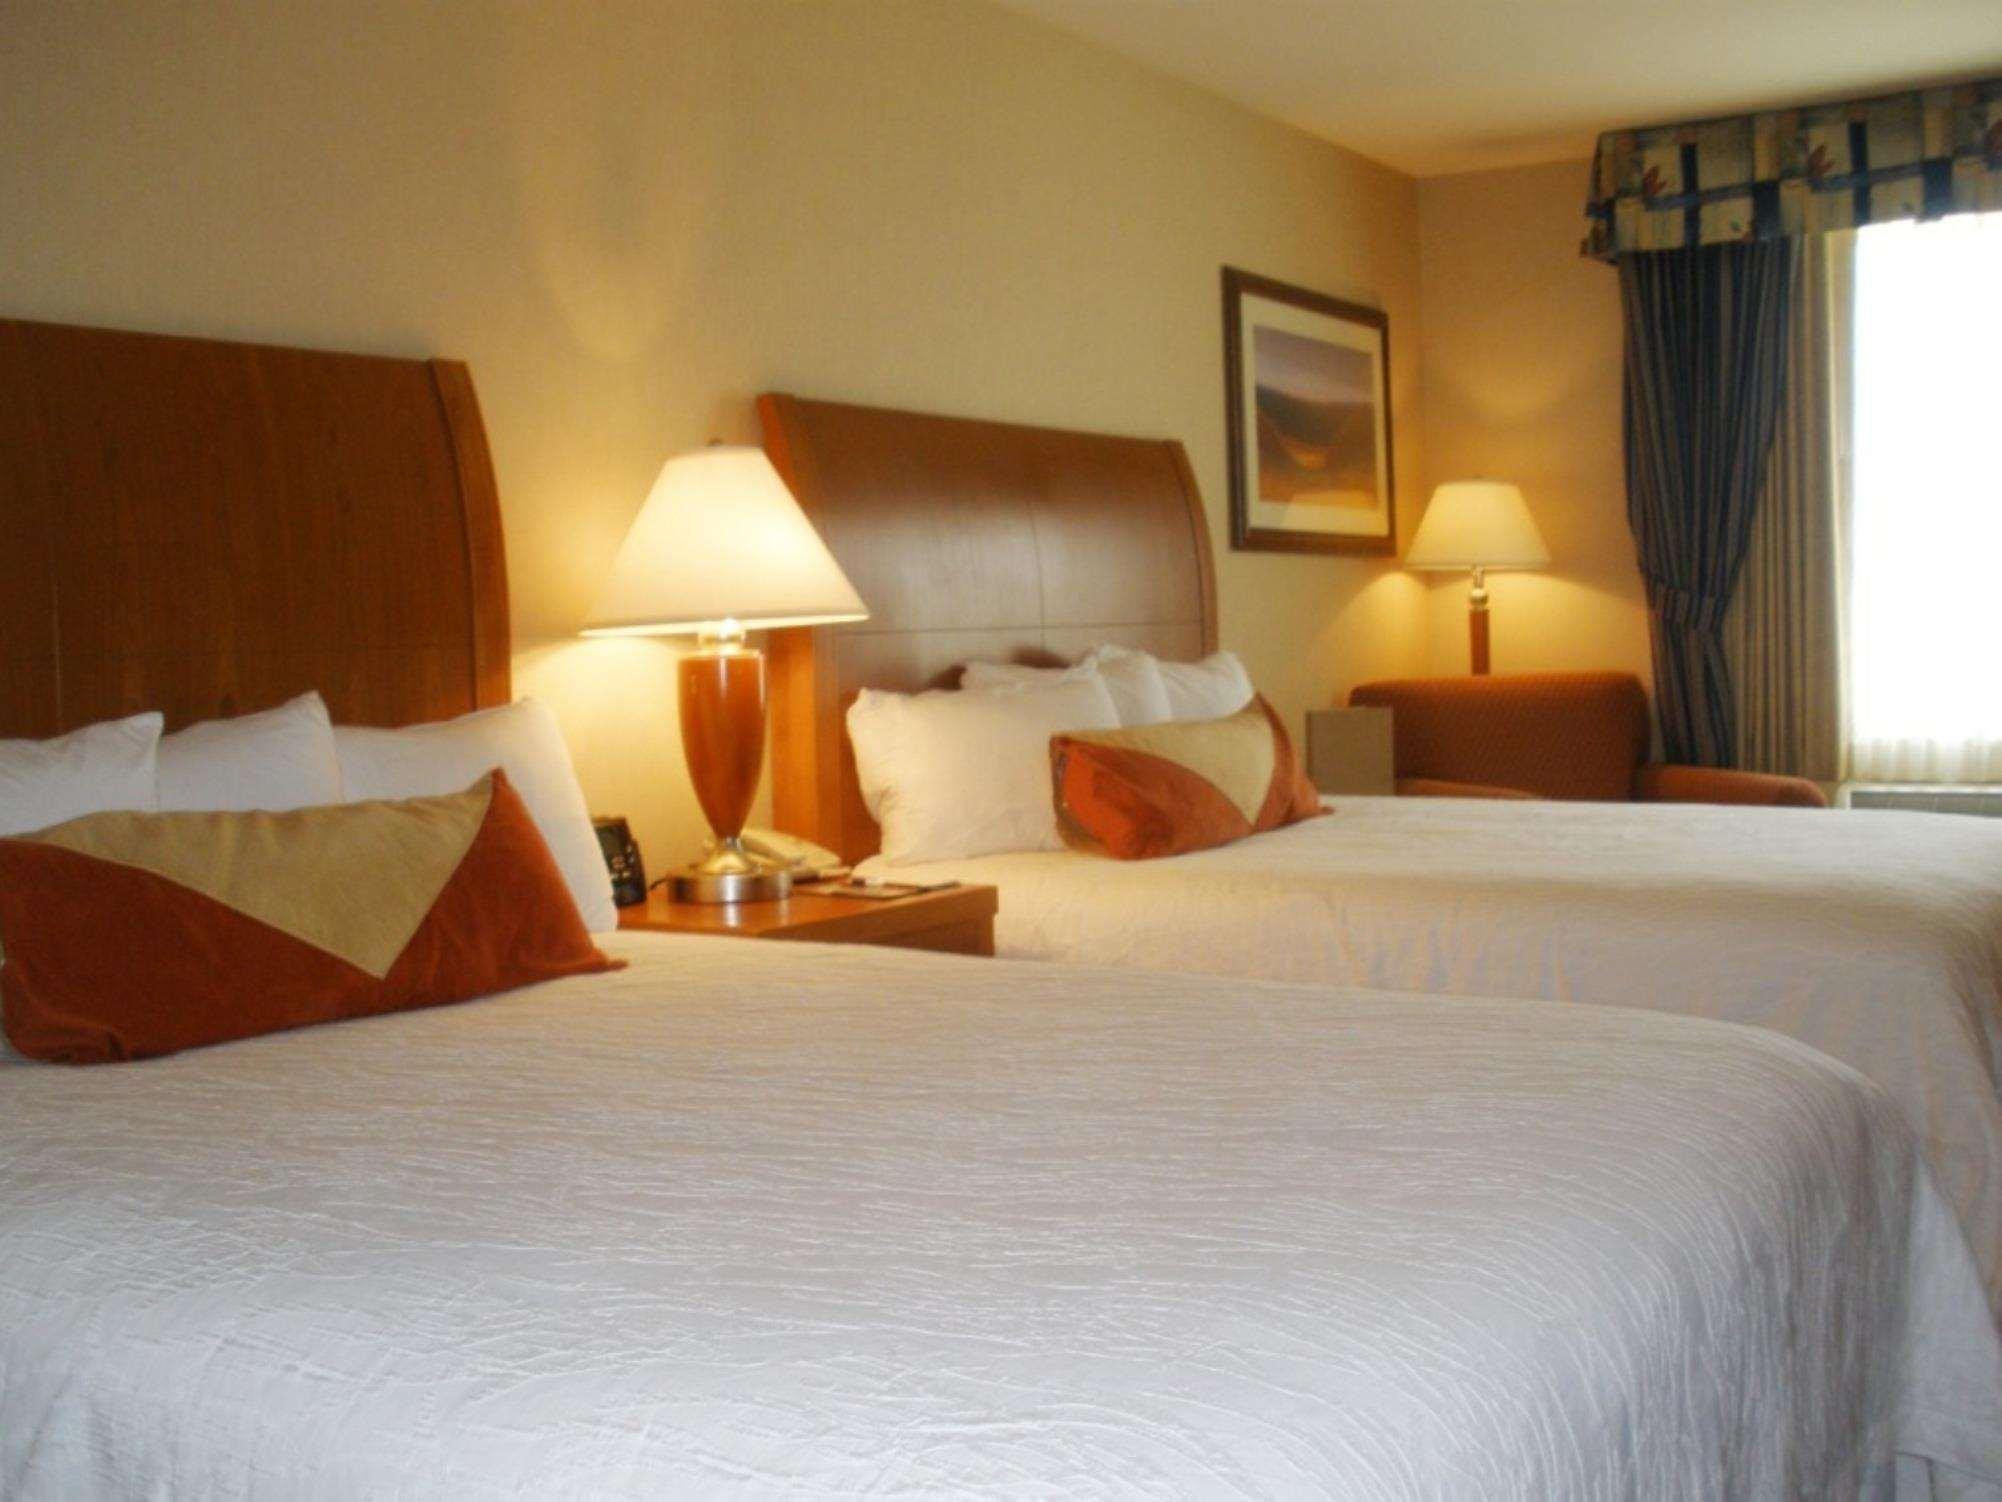 Hilton Garden Inn Yakima image 11